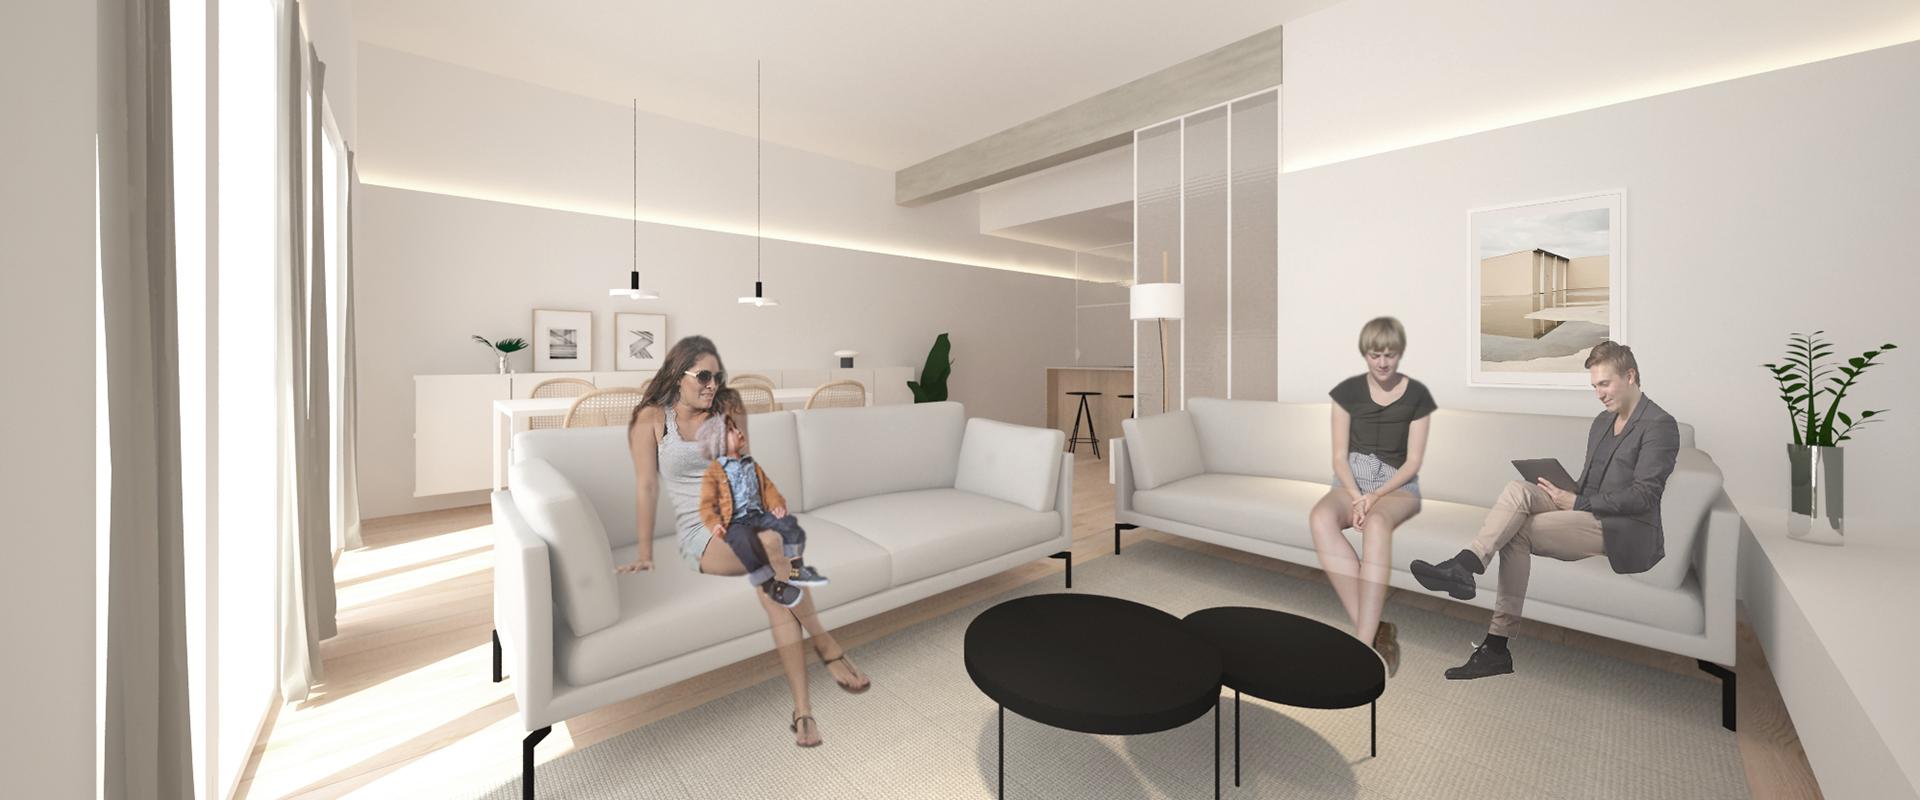 presupuesto de reforma vivienda nan arquitectos madrid pontevedra proyecto